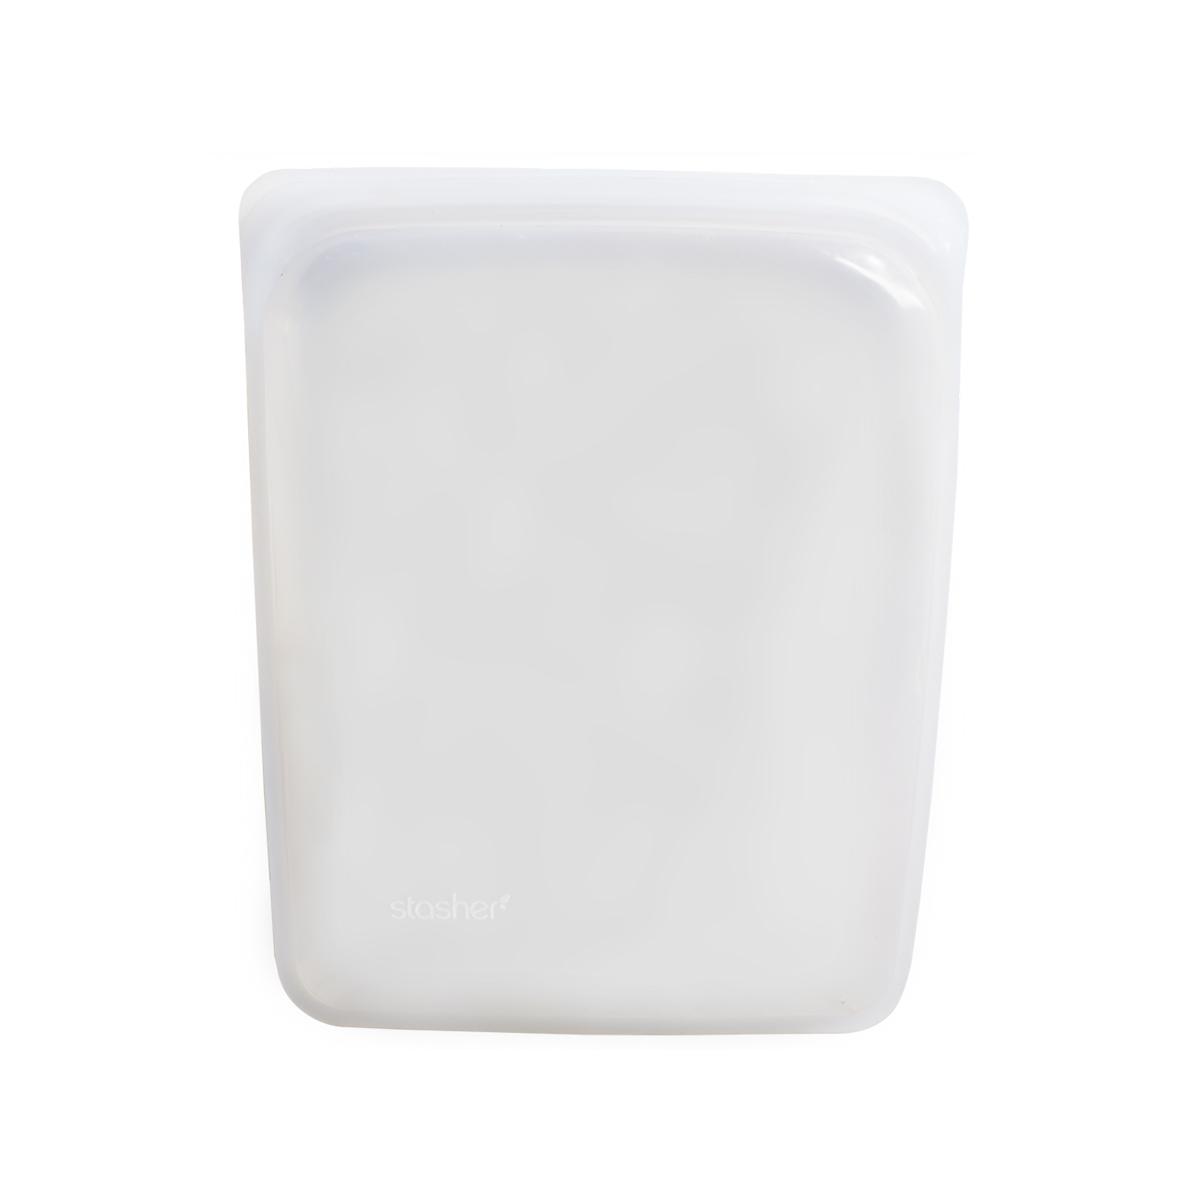 3000回加熱・冷凍できる密閉シリコンバッグ|《1900ml/ハーフガロン》密閉保存から調理まで、これひとつで完結!繰り返し使えるシリコンバッグ|stasher